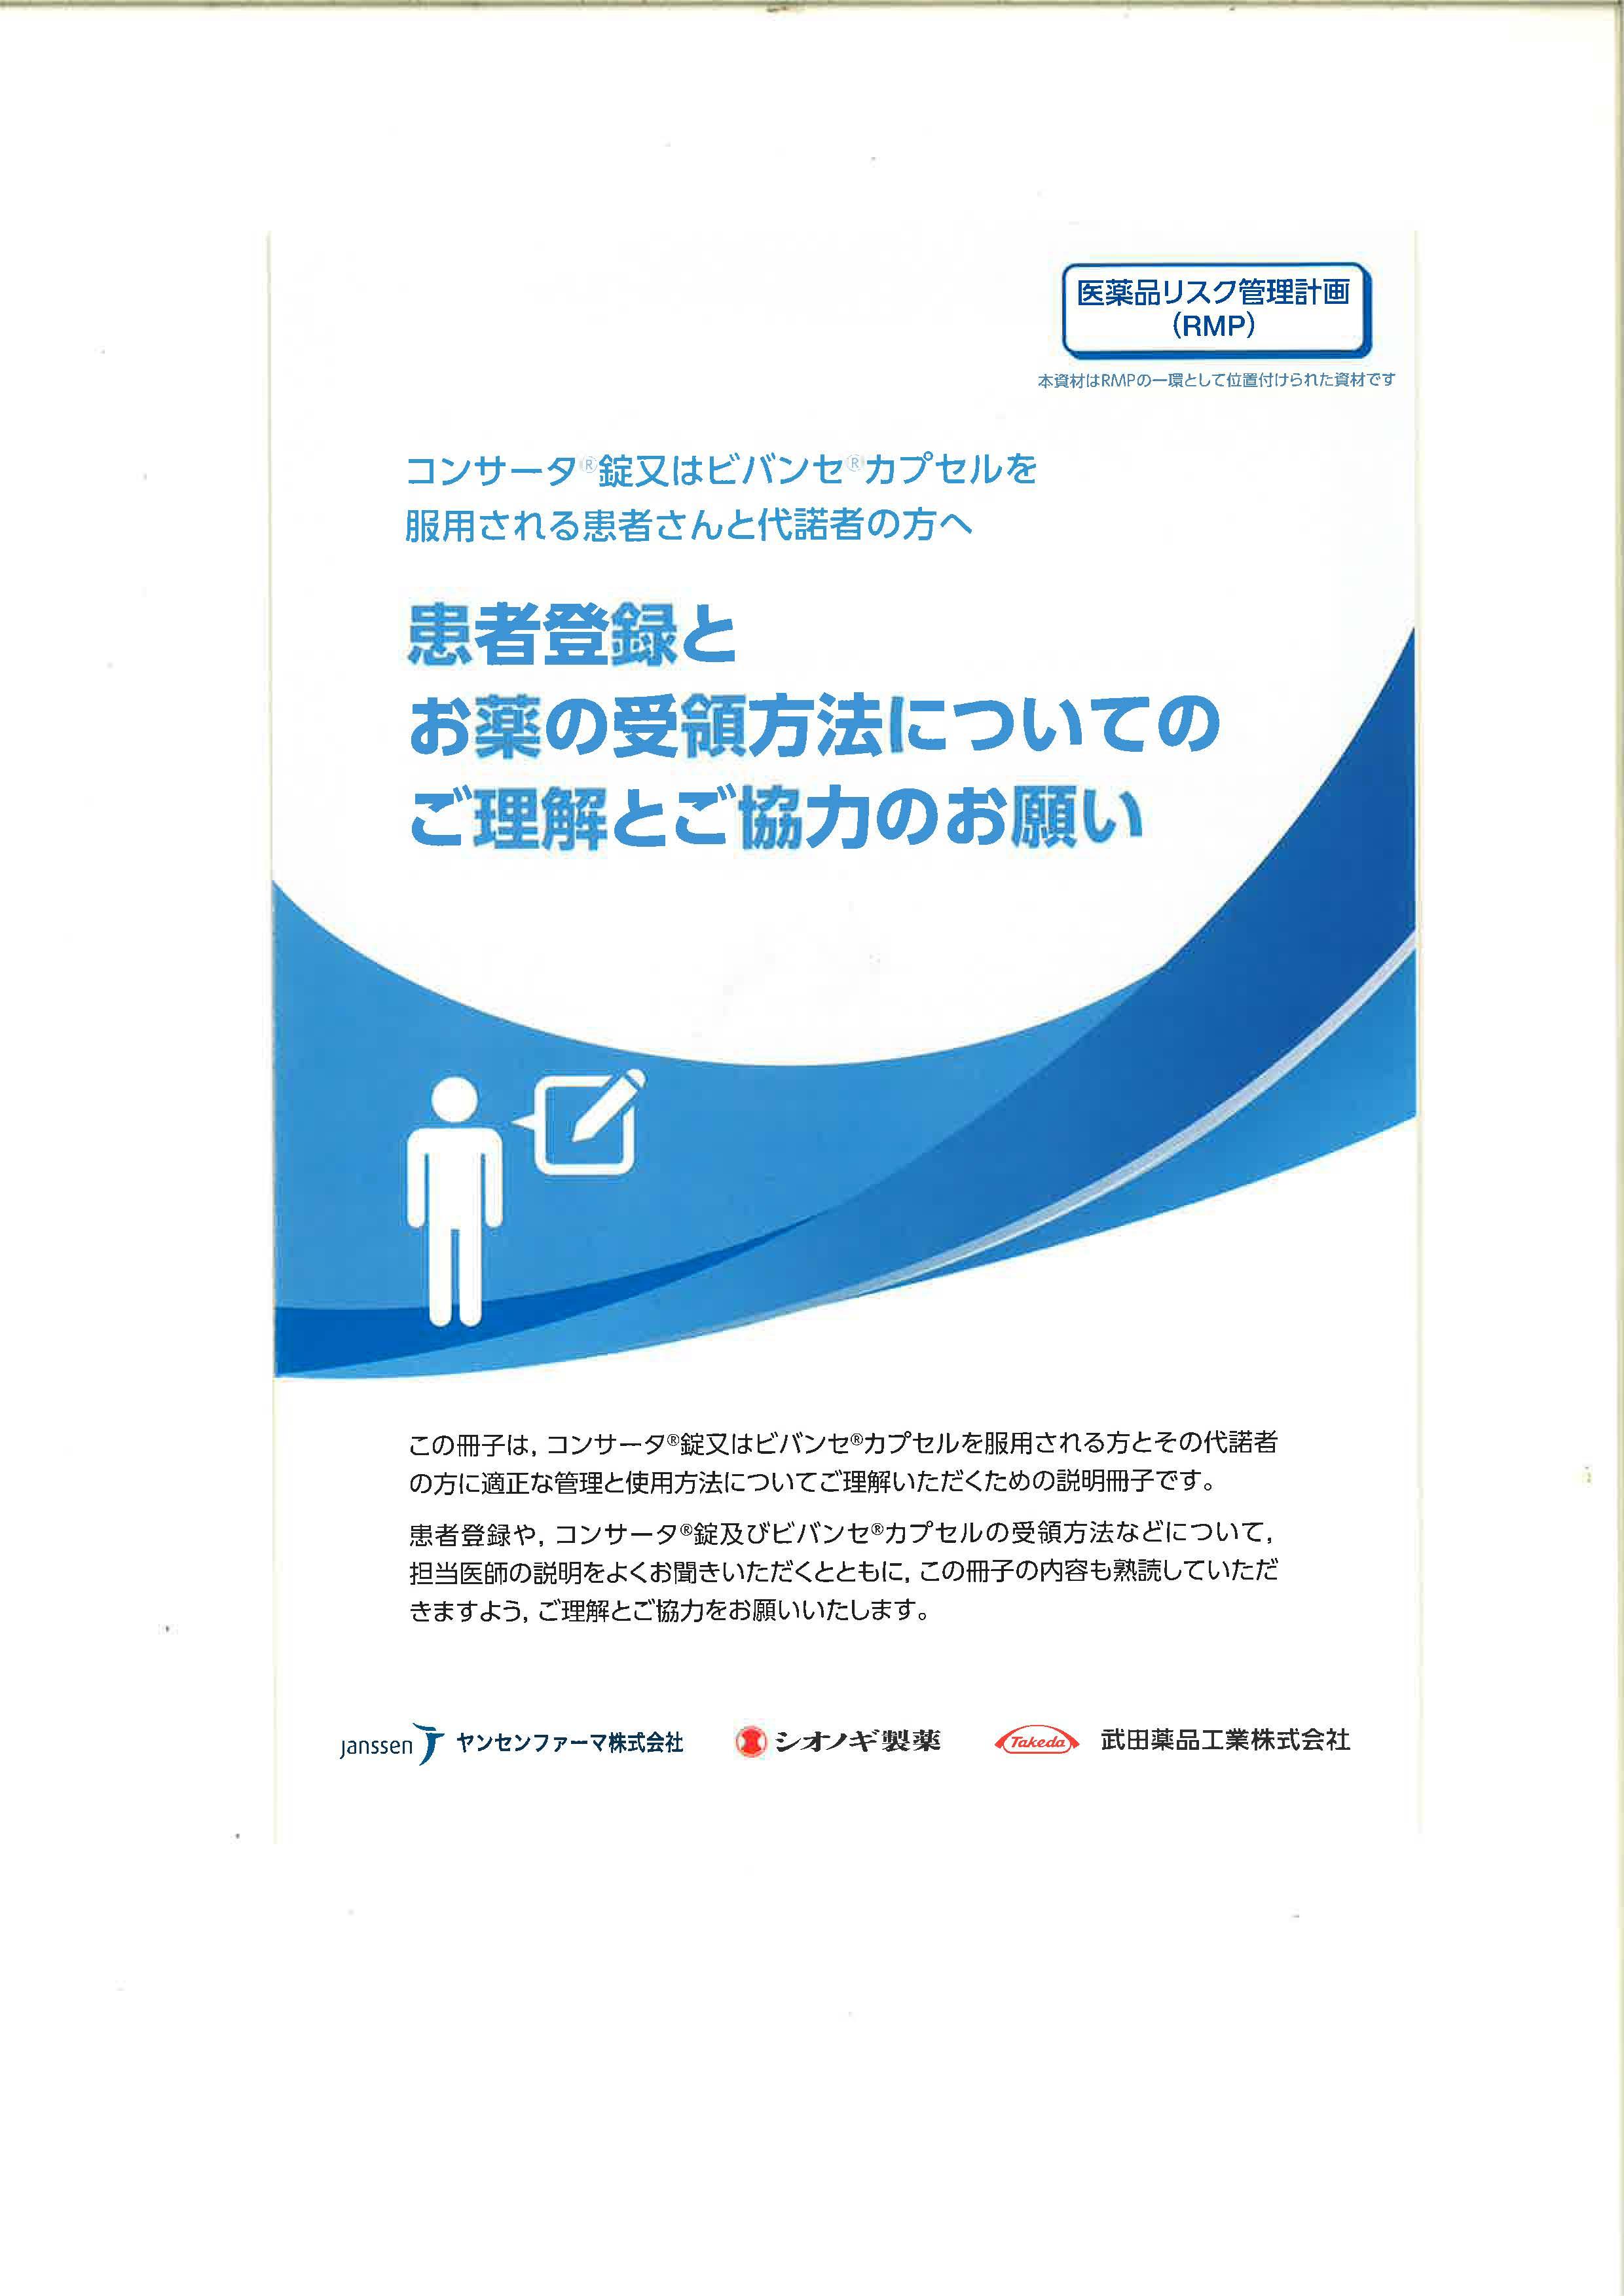 登録 コンサータ 管理 システム 錠